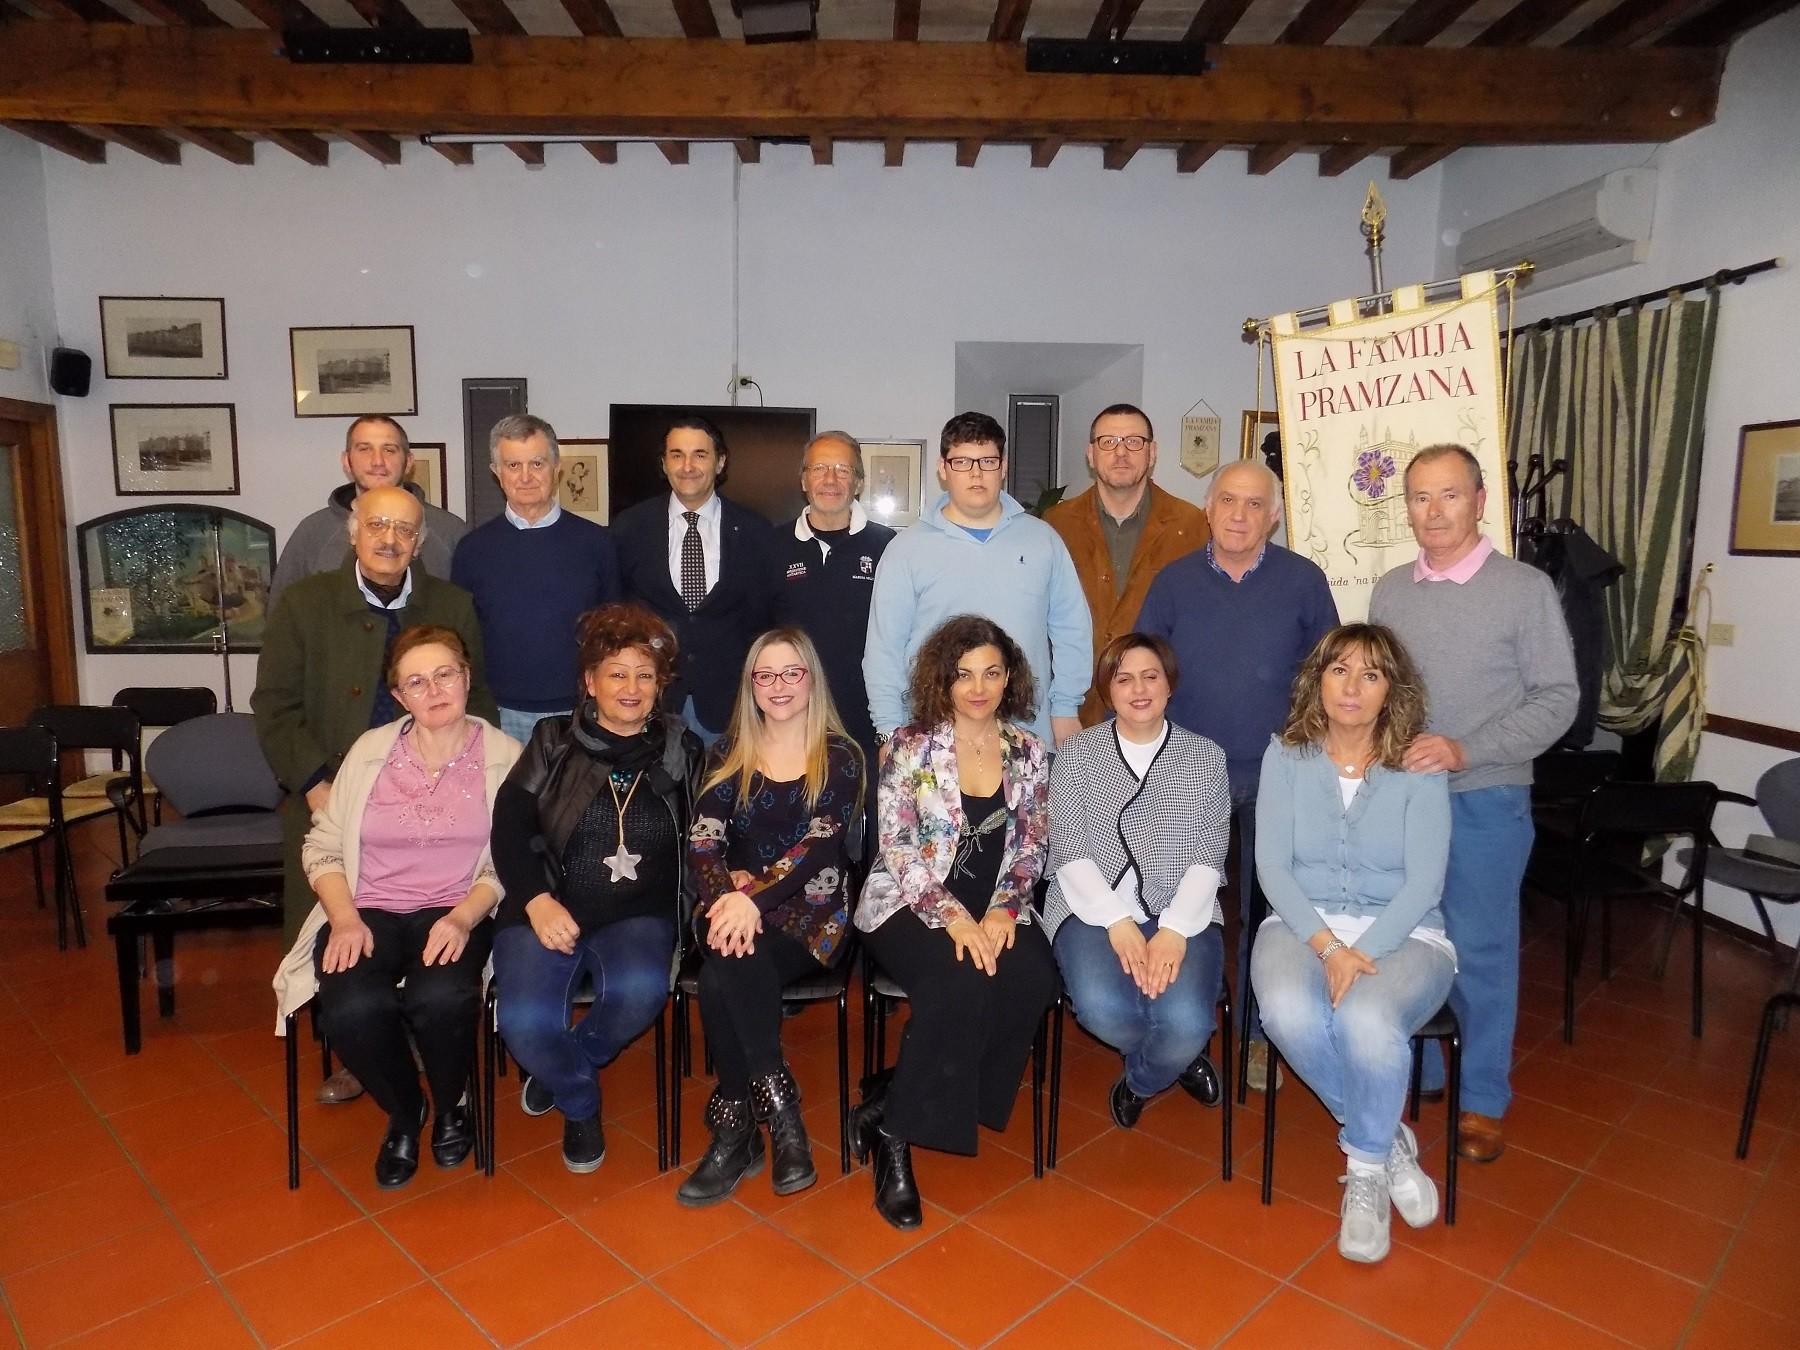 La Compagnia Dialettale della Famija Pramzana presenta Sott'a chi tòcca di Luigi Orengo al Teatro Verdi